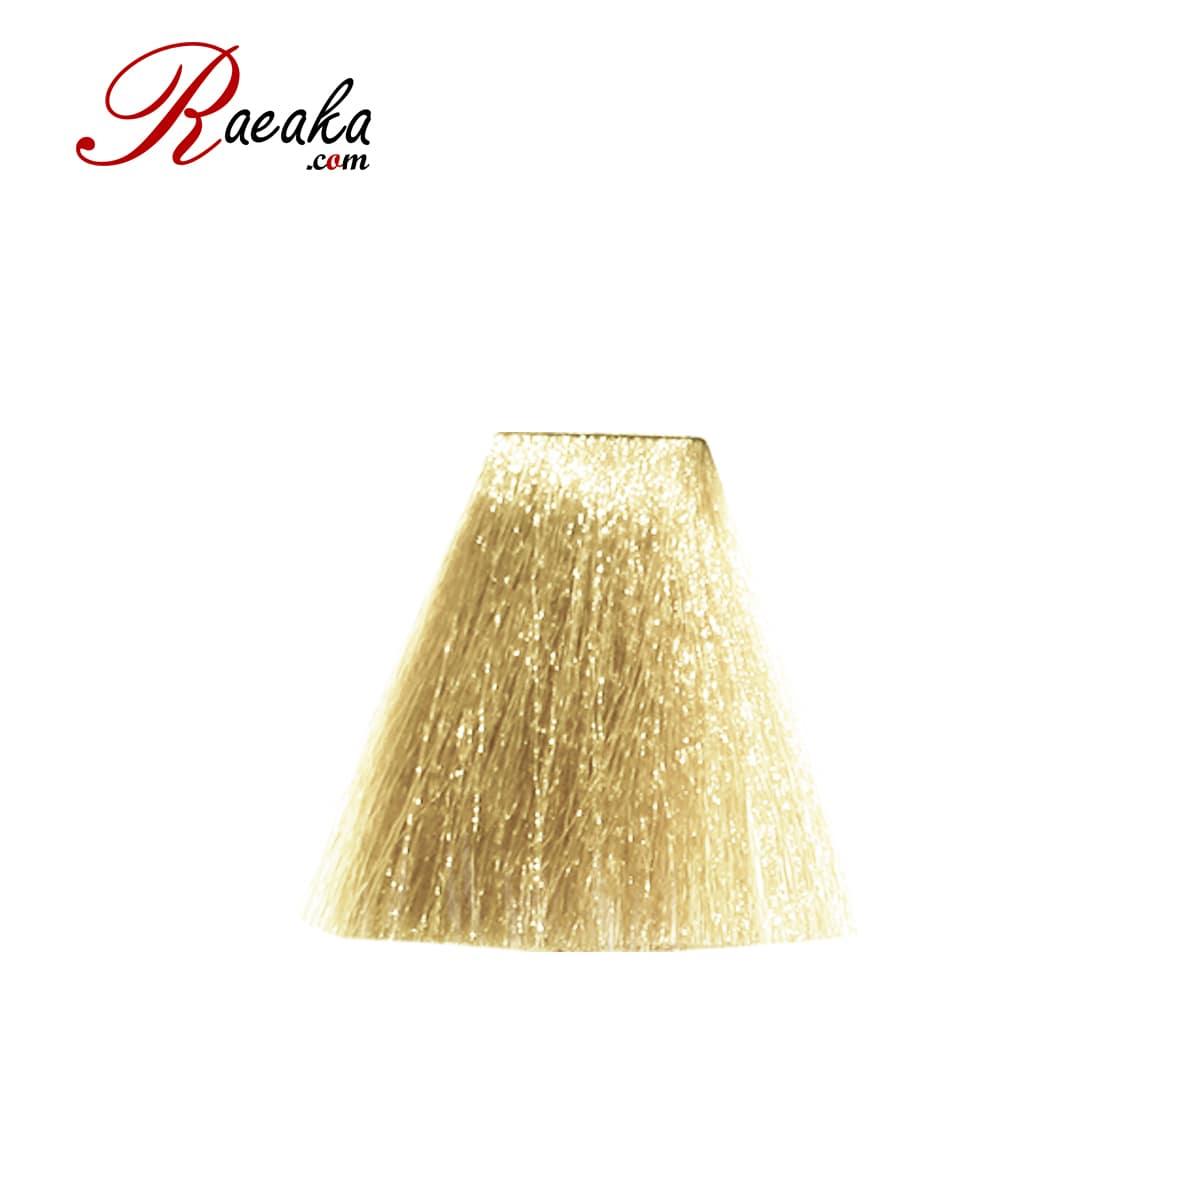 رنگ مو دوماسی سری کافی شاپ کاراملی روشن ۹٫۷۱ حجم ۱۲۰ میلی لیتر